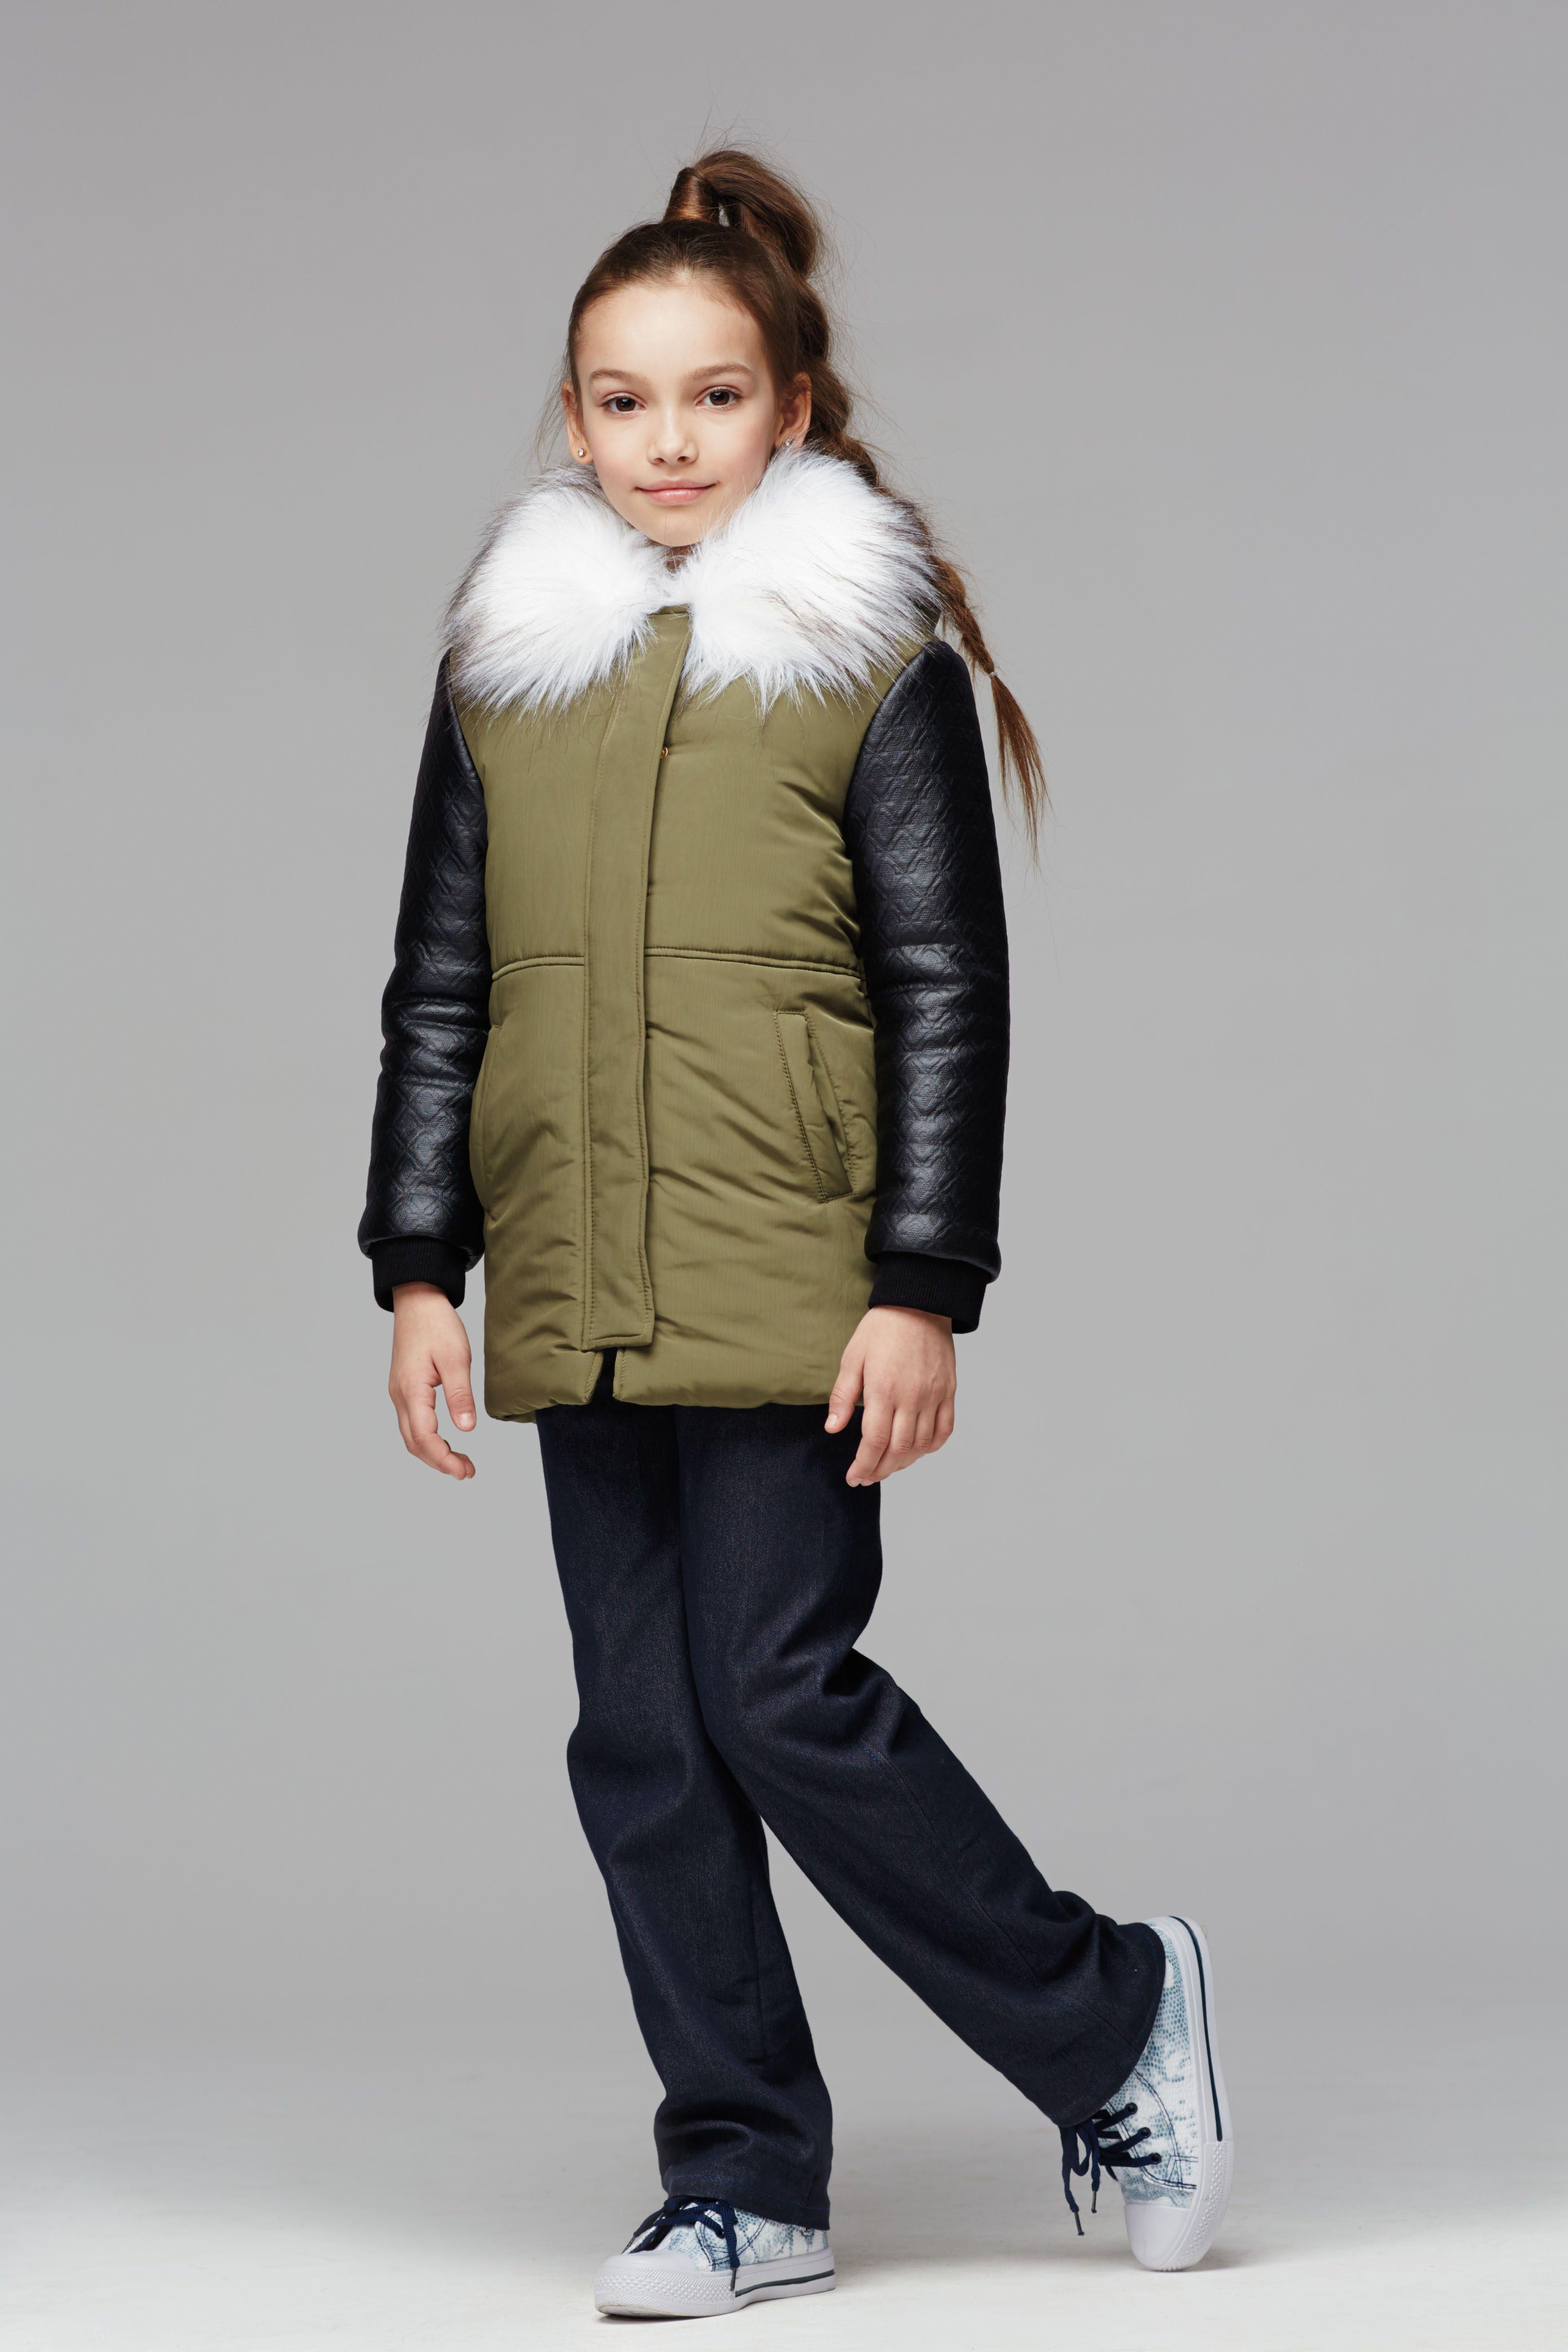 Купить Куртка К005 Куртки для девочек от компании «Смена ...